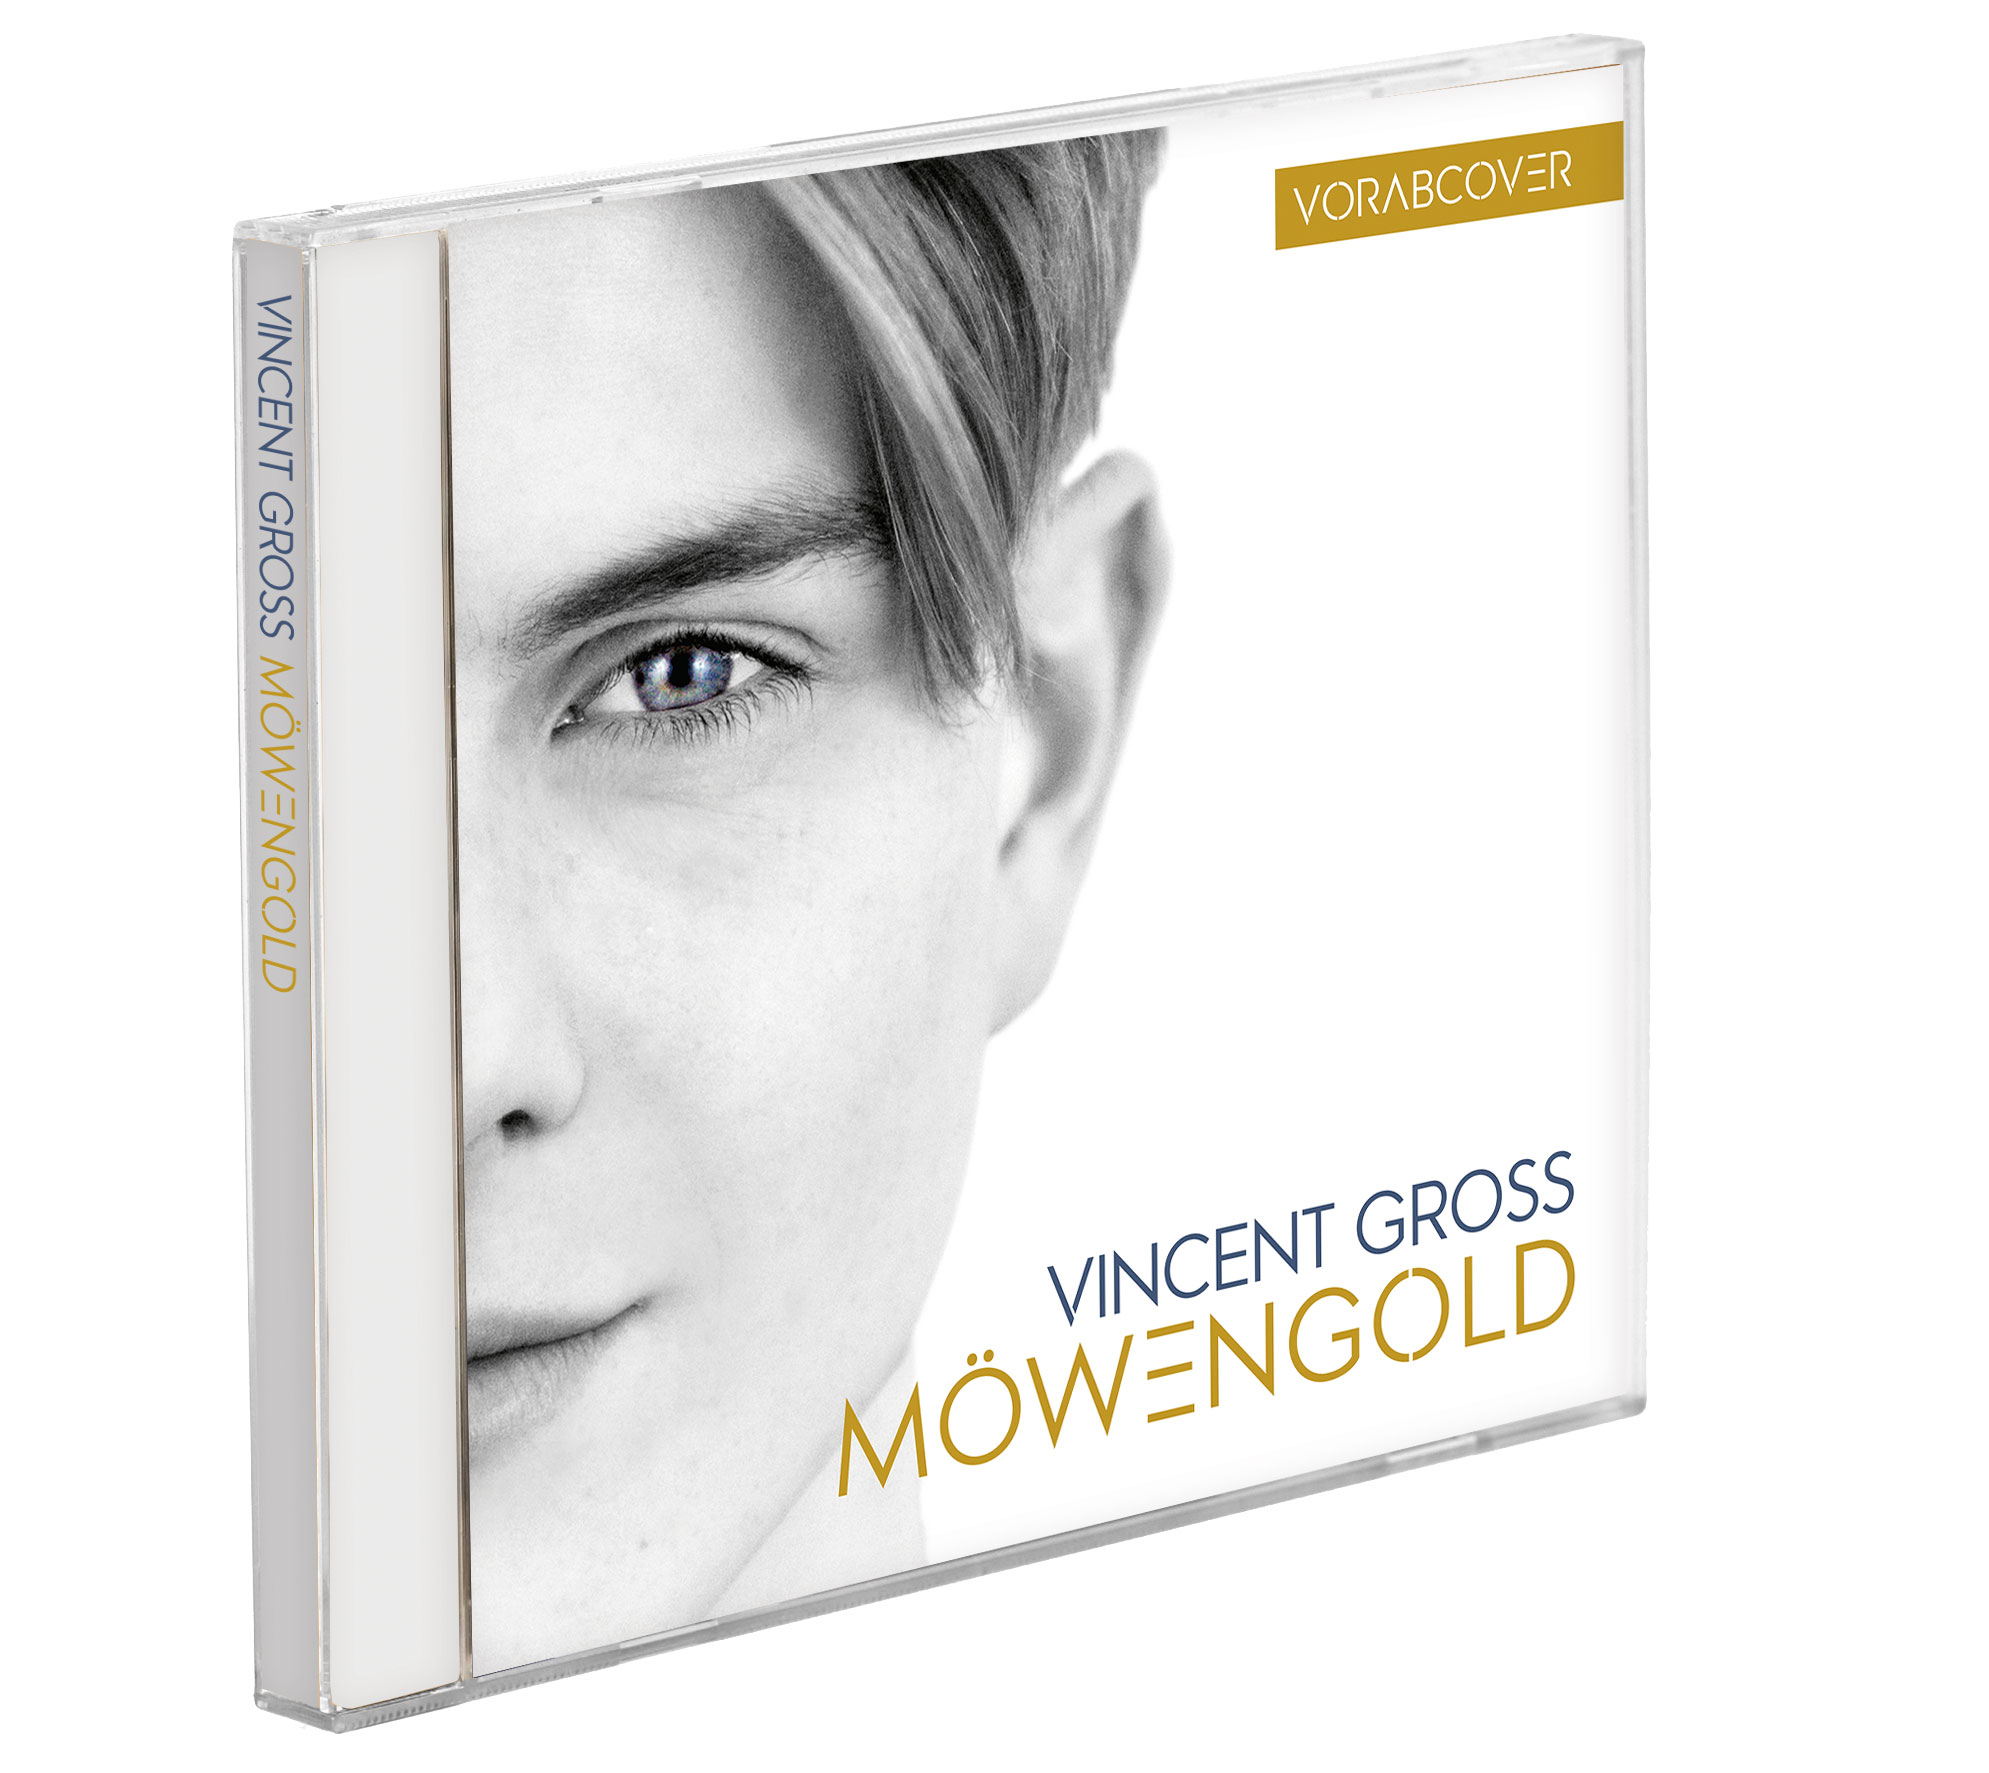 SG_VG_Möwengold_Packshot_3D_Album